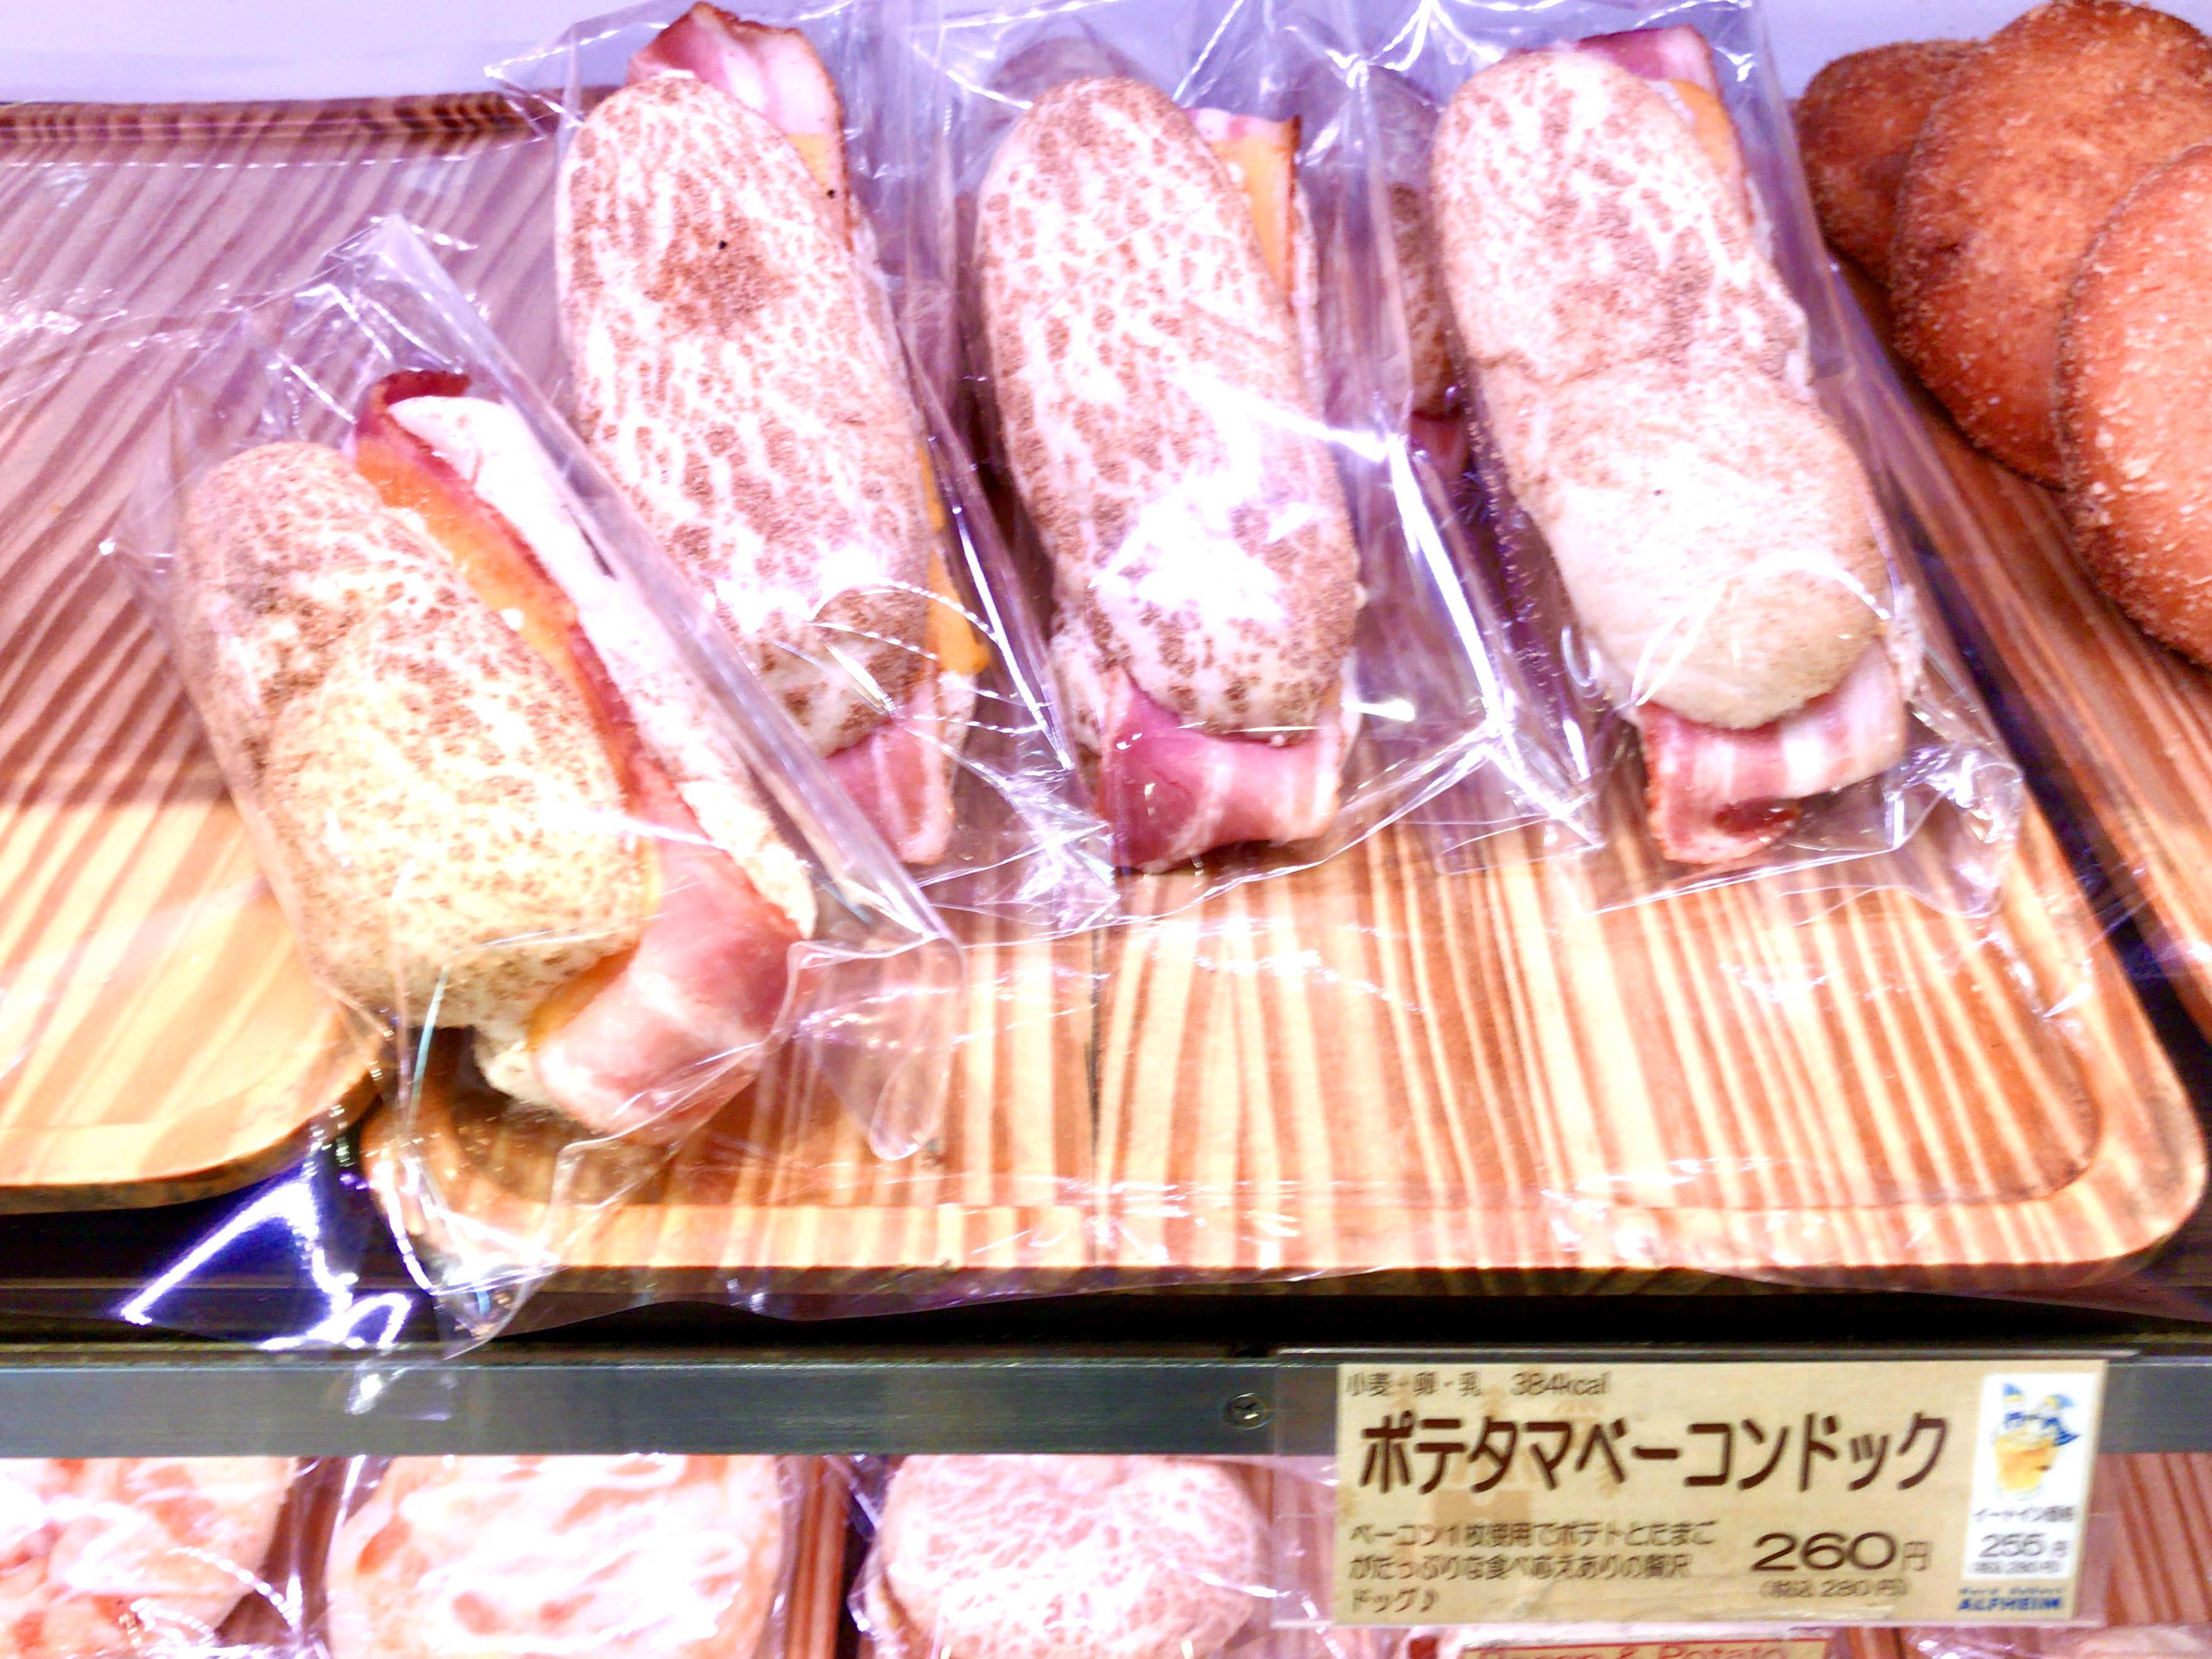 ポテタマベーコンドッグ 260円(税別)